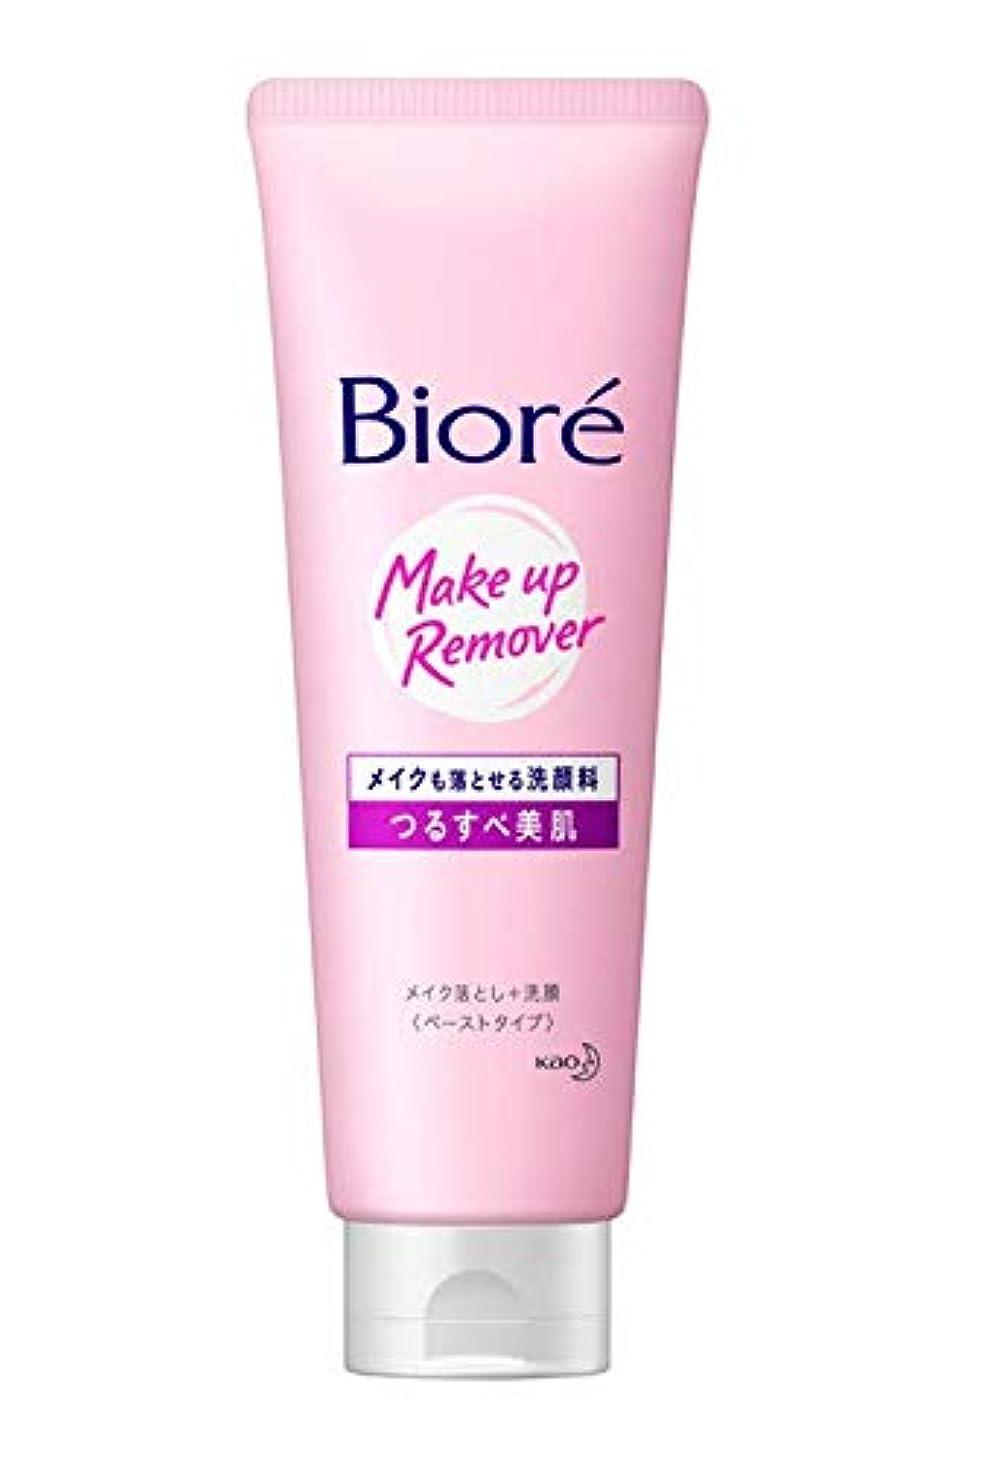 気取らないアパルフィードオン花王 ビオレ メイクも落とせる洗顔料 つるすべ美肌 210g Japan